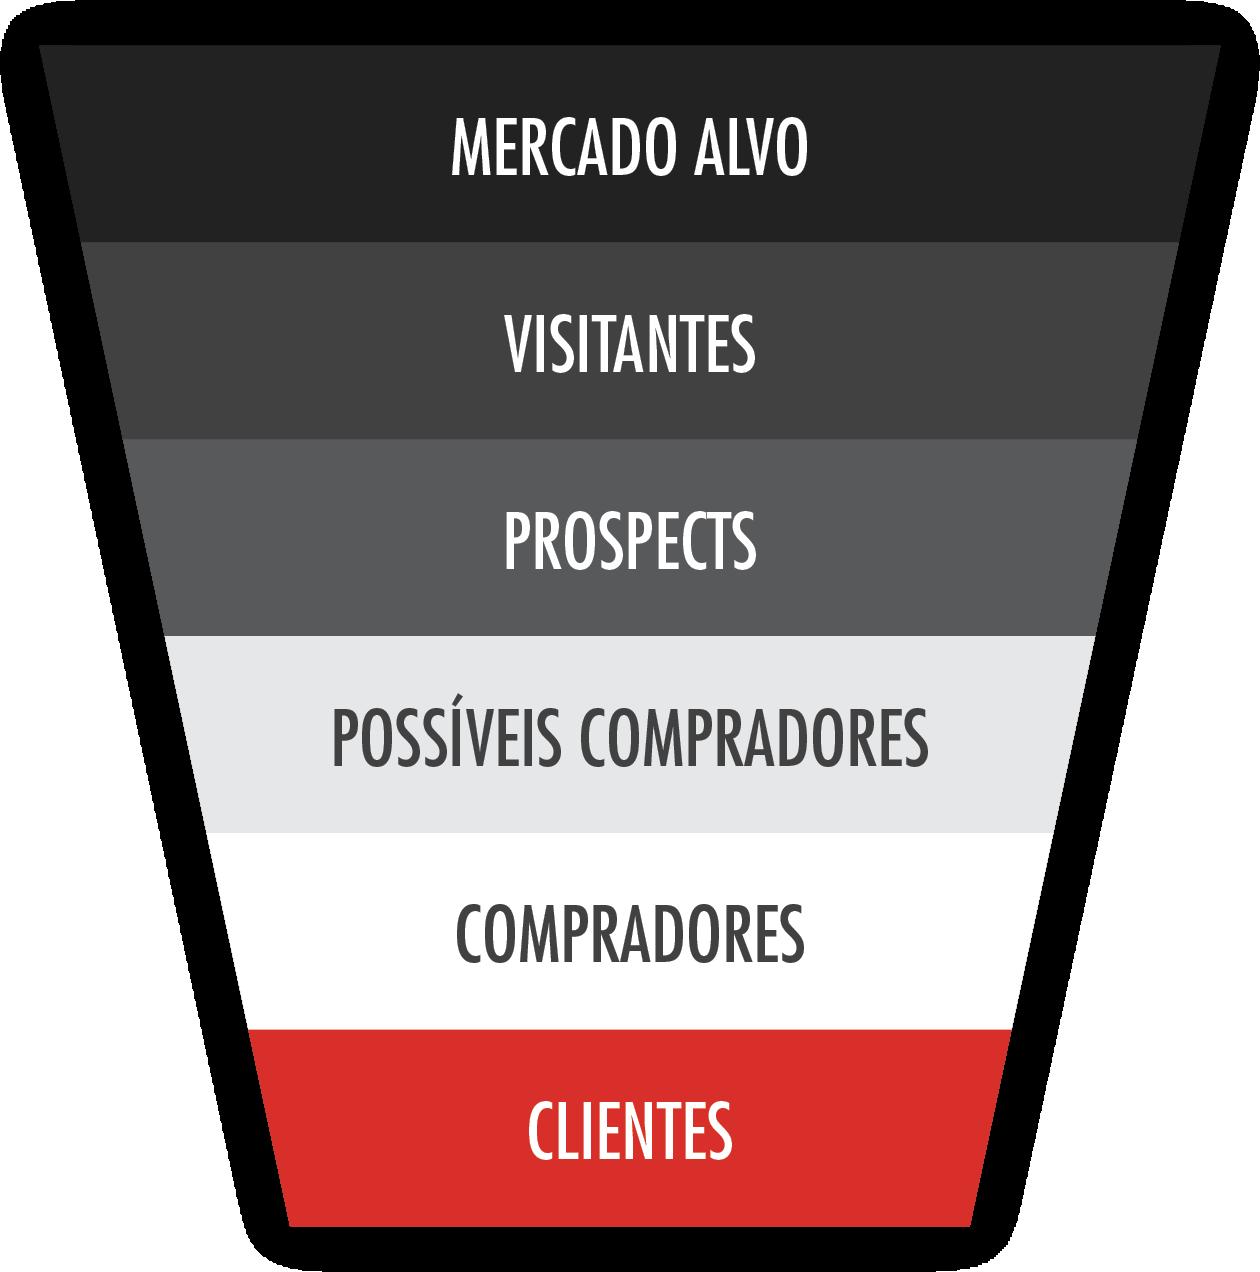 """""""[Funil de conversão] Mercado alvo > Visitantes > Prospects > Possíveis compradores > Compradores > Clientes"""